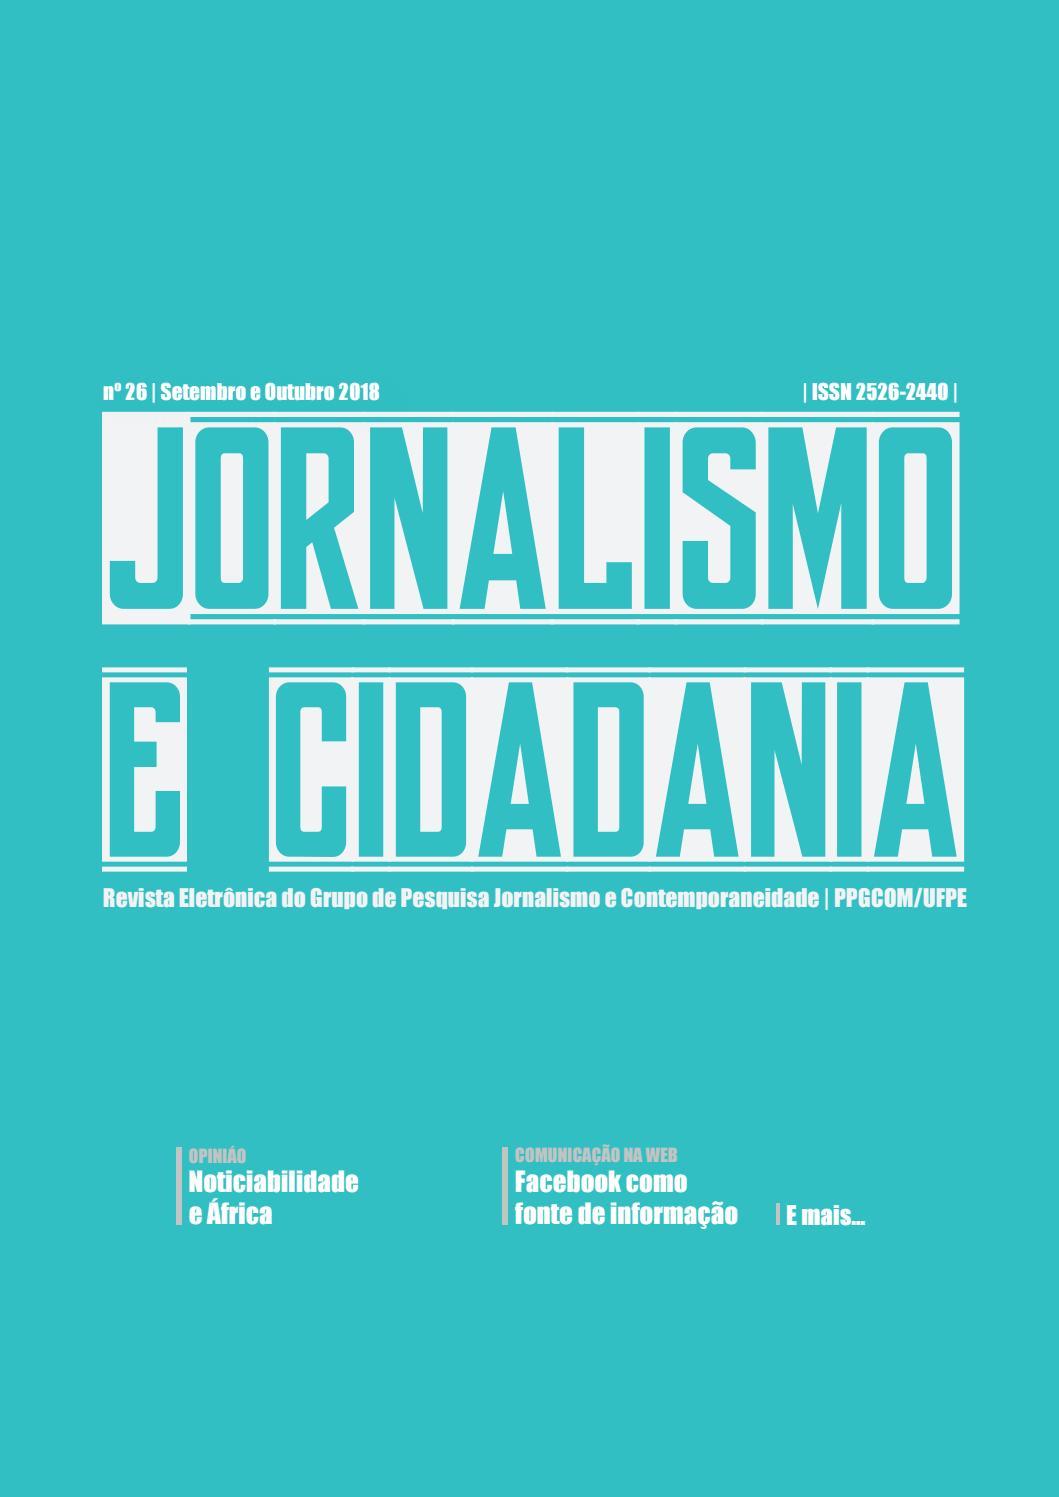 Jornalismo e Cidadania 26 by Revista Jornalismo e Cidadania